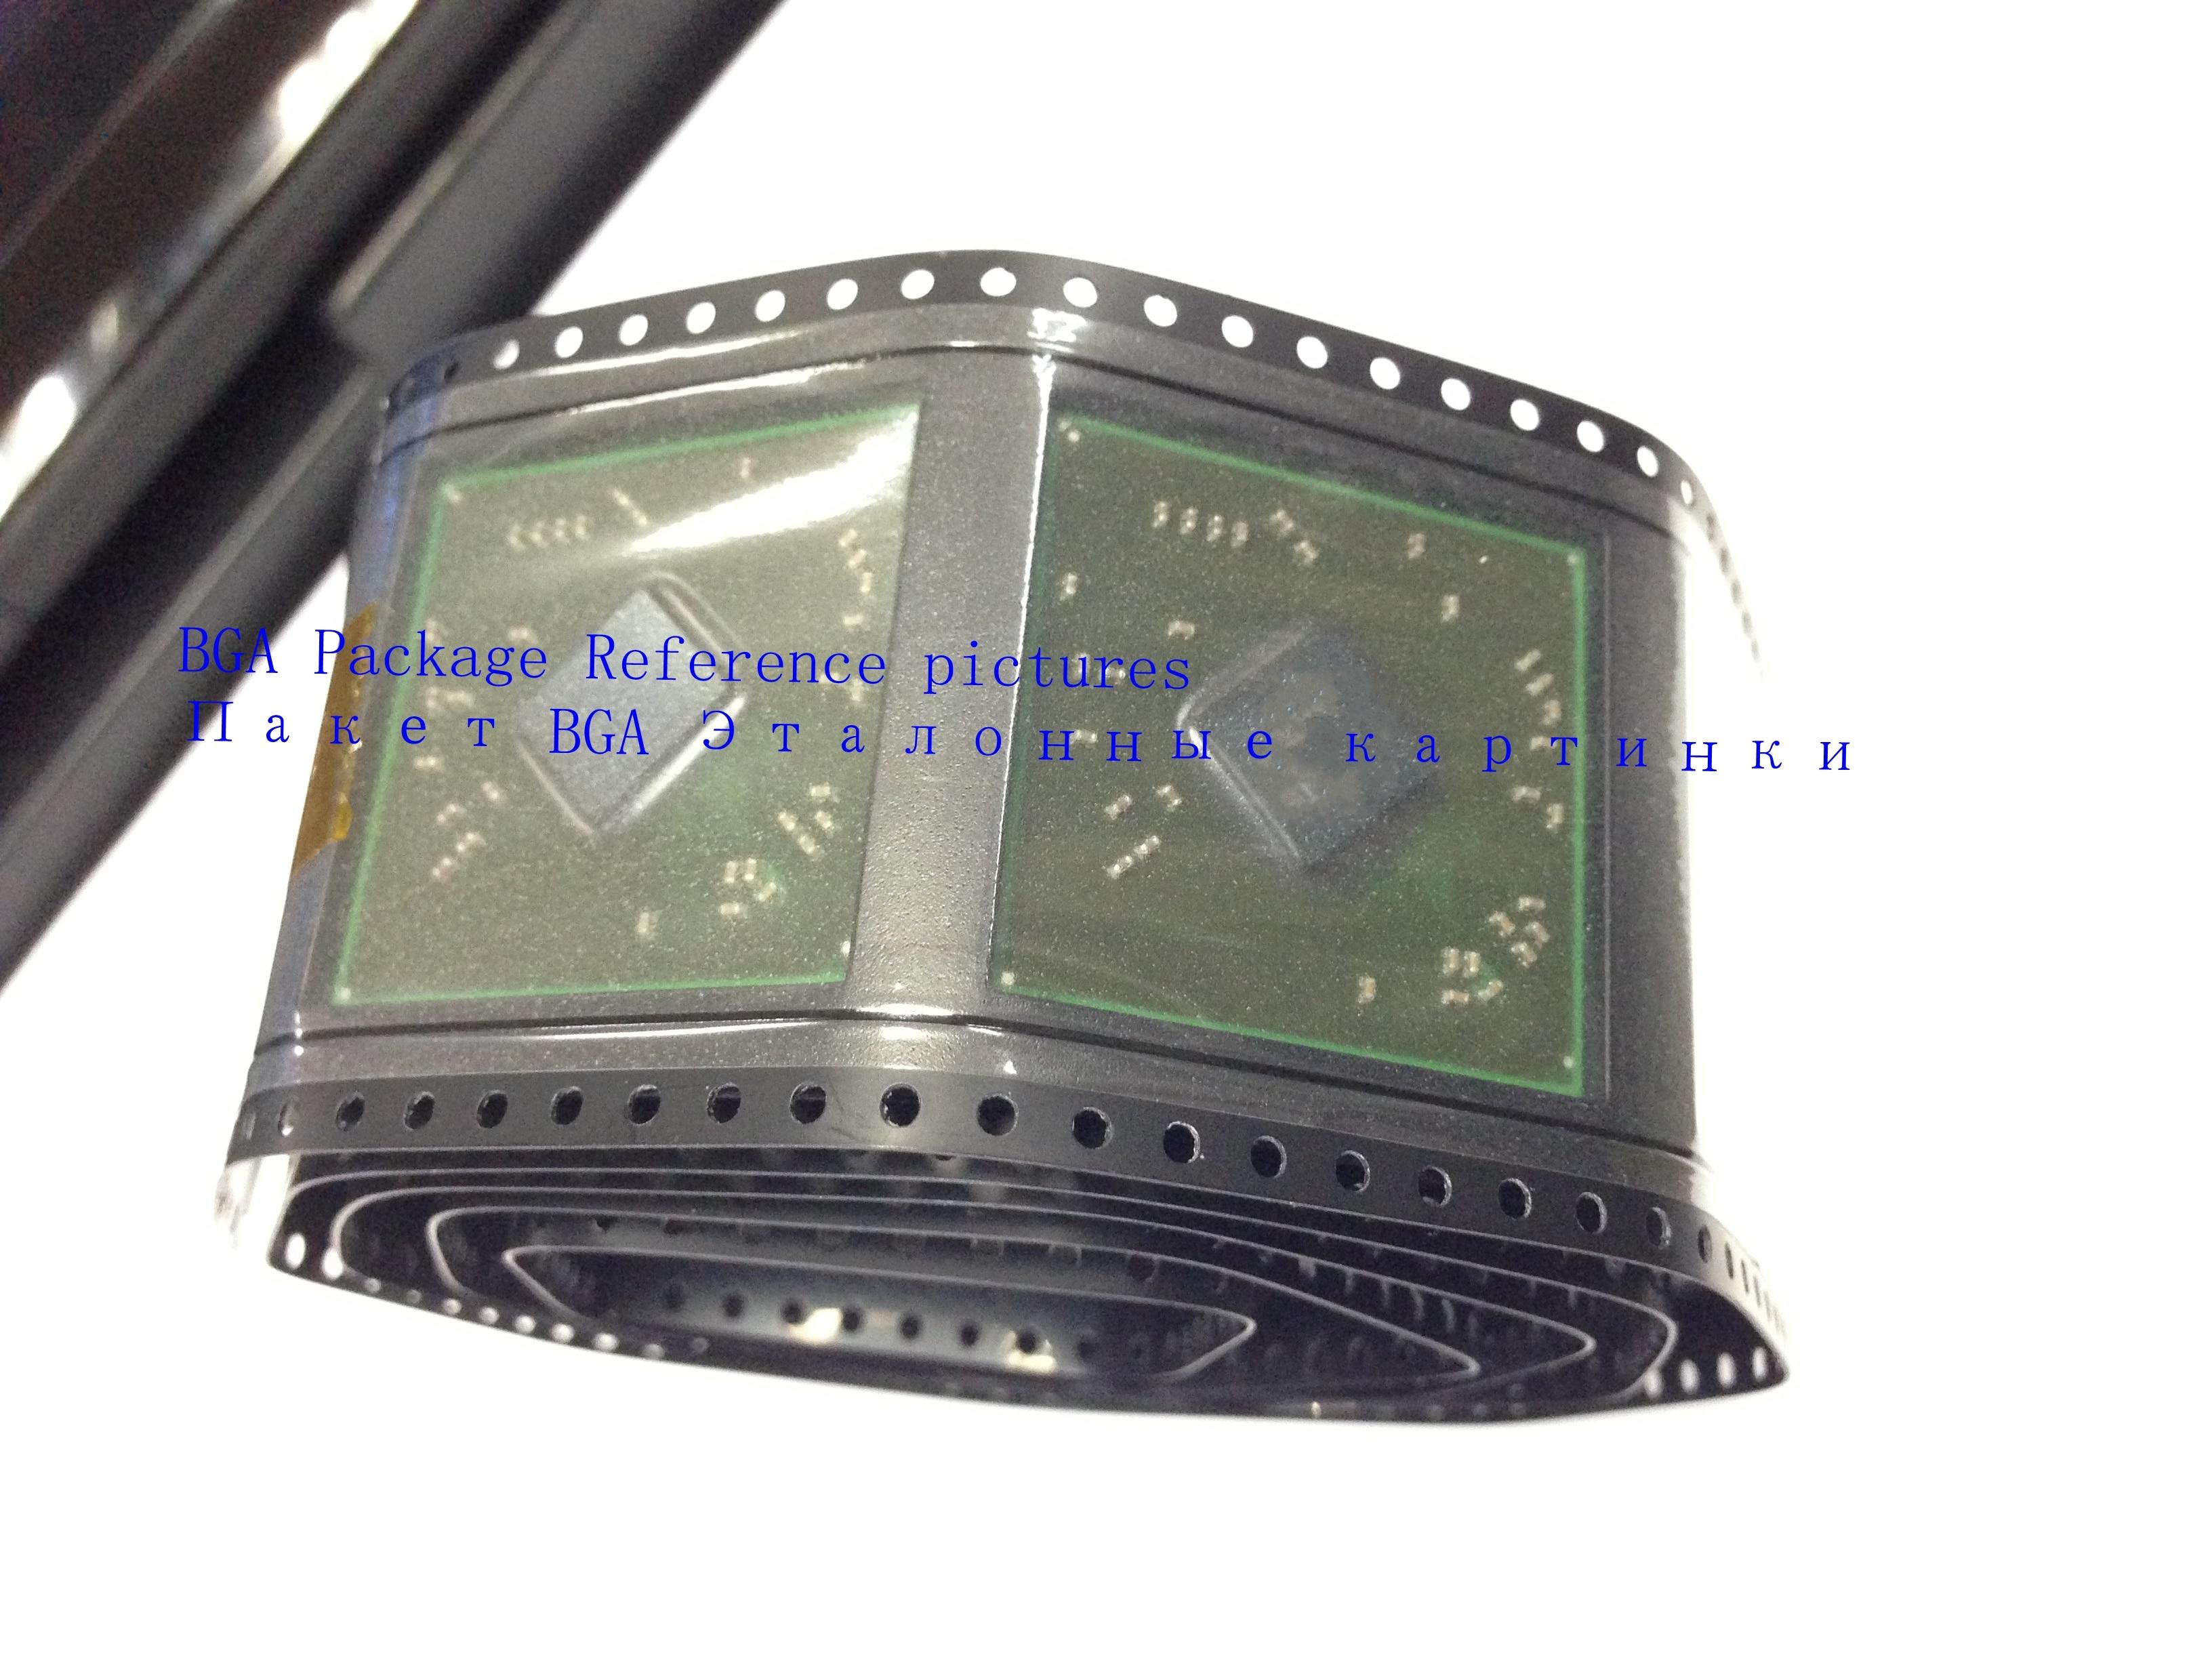 1pcs/lot 100% Original NF-6150LE-N-A2 NF 6150LE N A2 BGA Chipset1pcs/lot 100% Original NF-6150LE-N-A2 NF 6150LE N A2 BGA Chipset